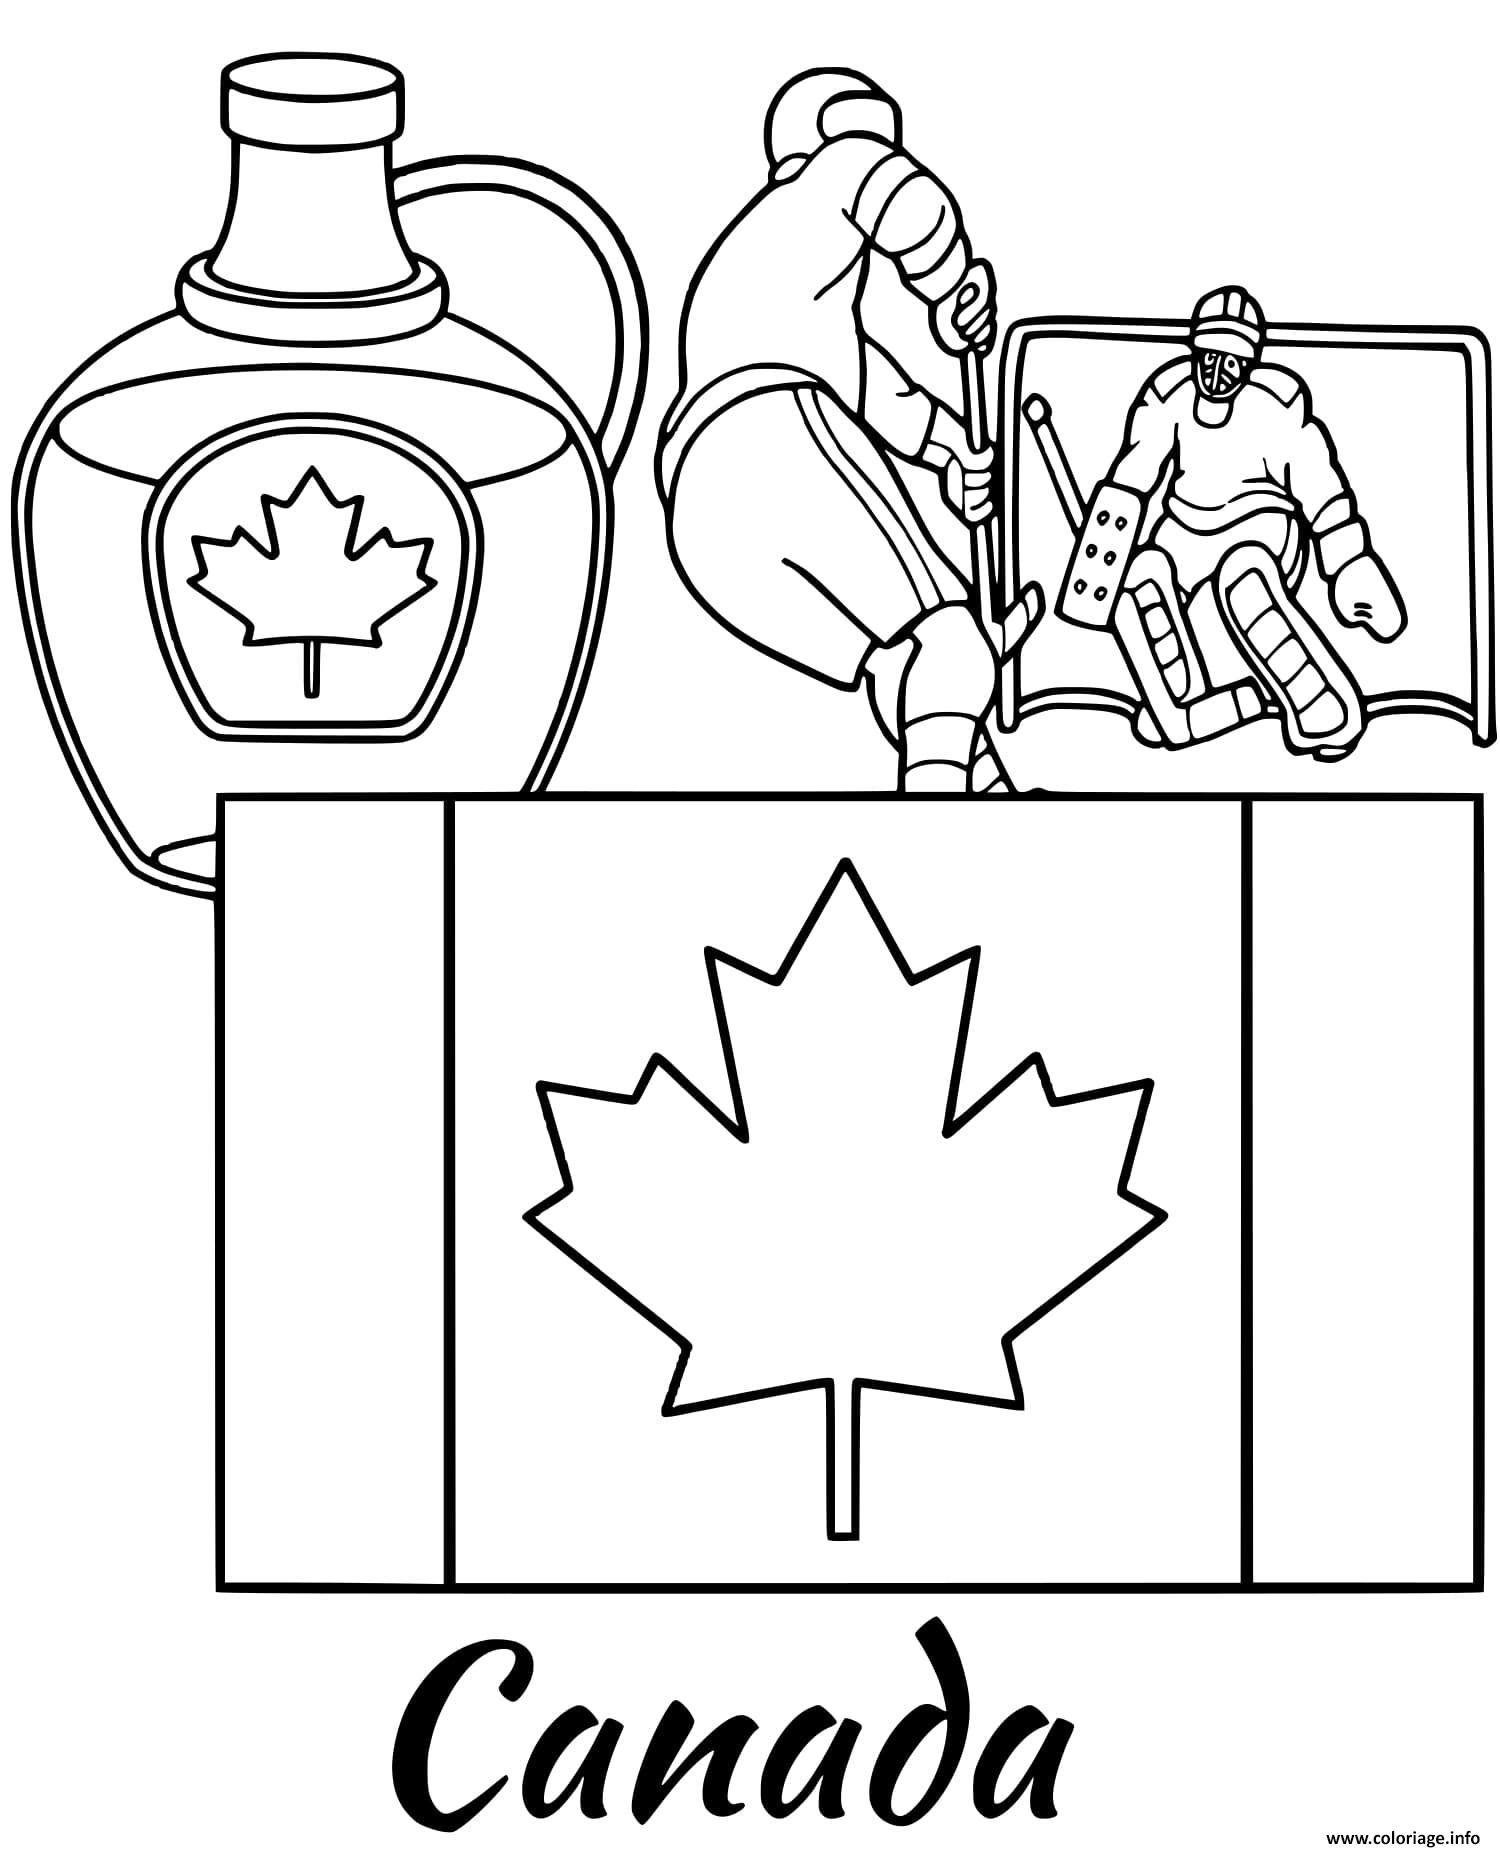 Dessin canada drapeau maple syrup Coloriage Gratuit à Imprimer